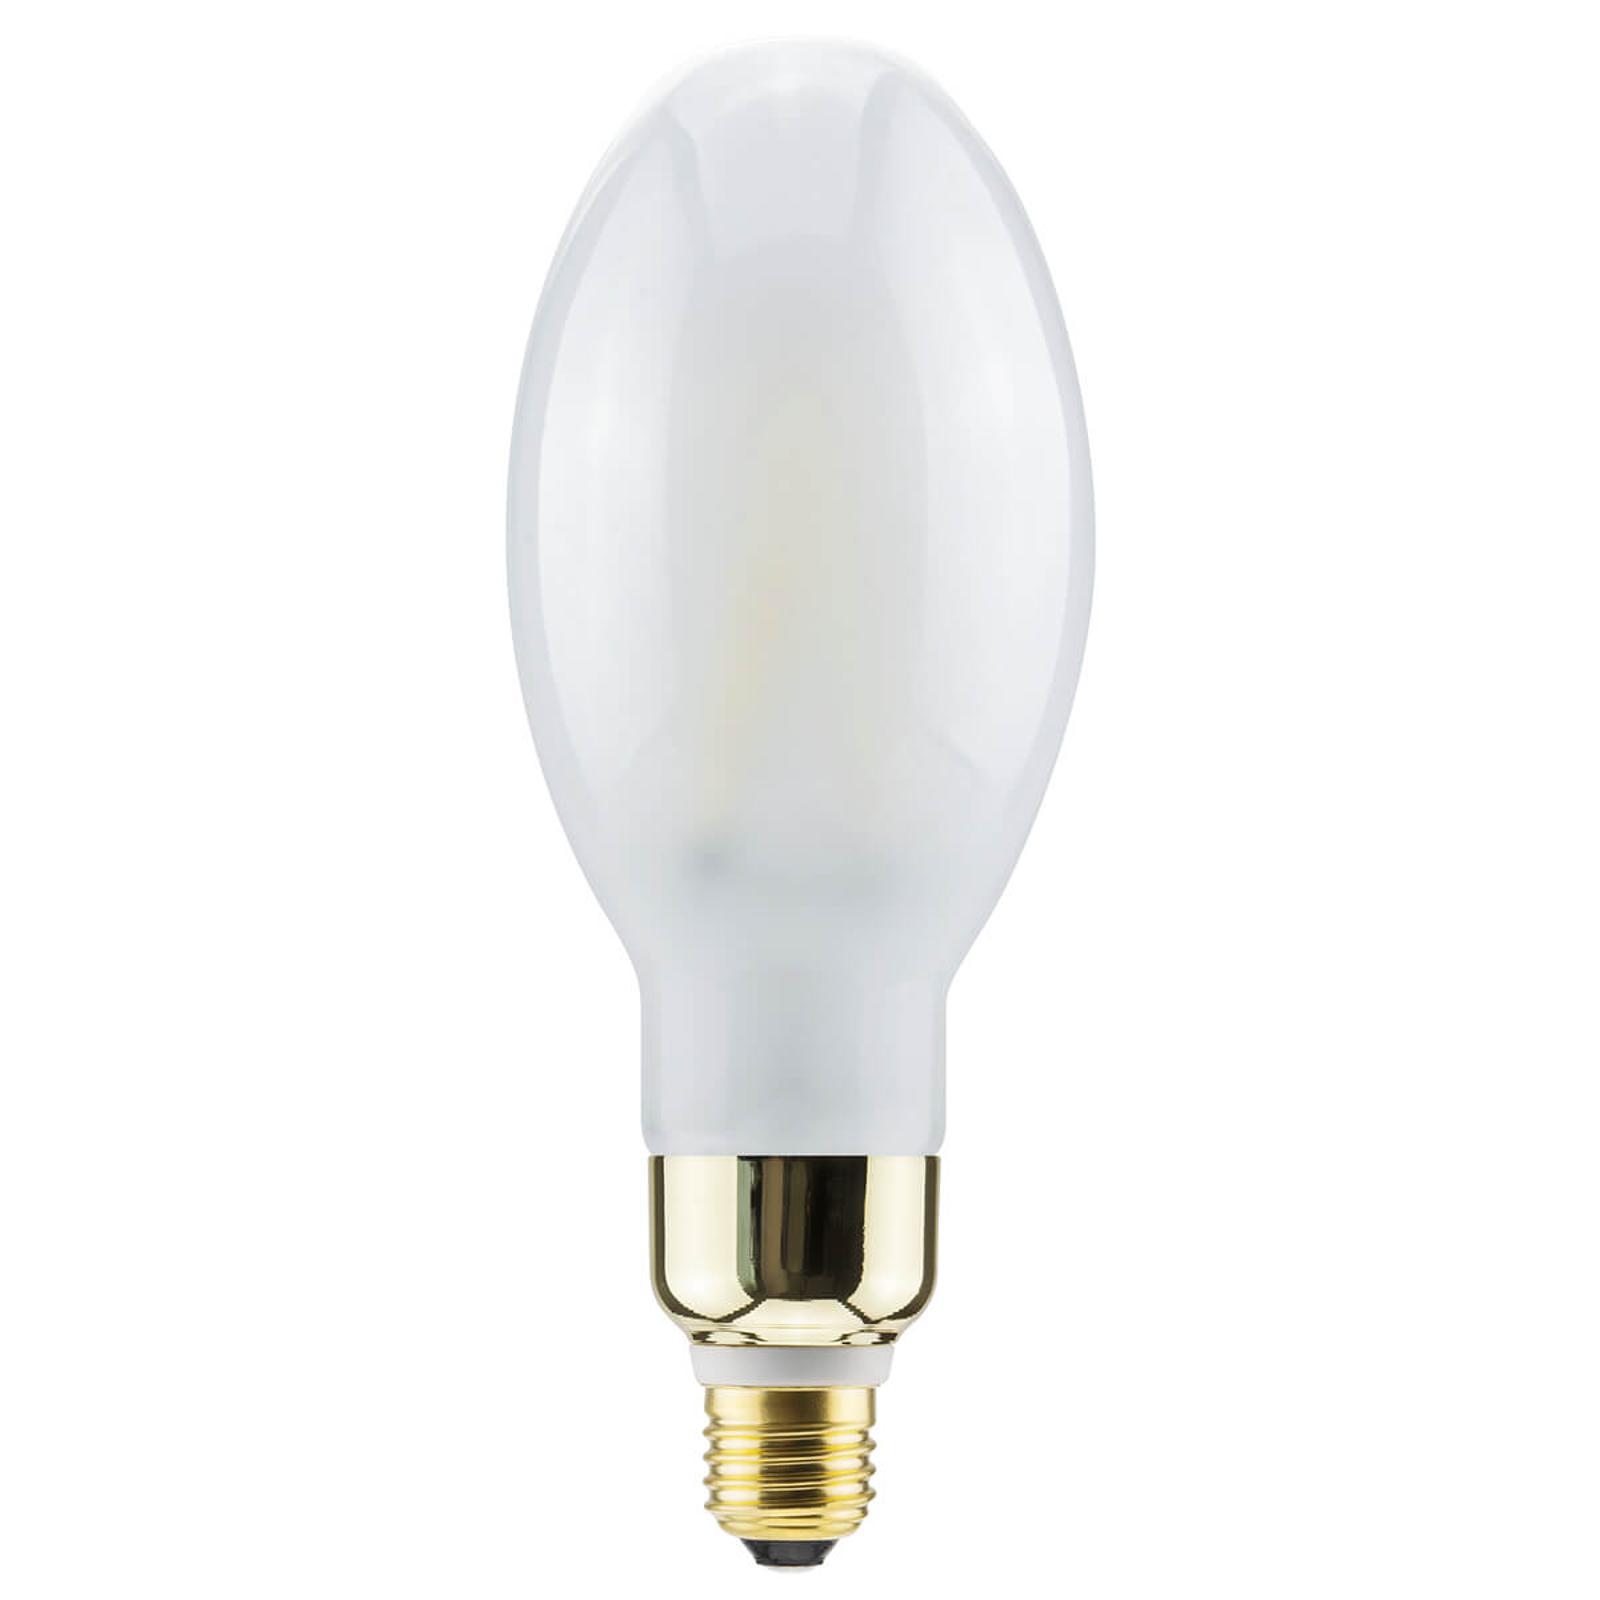 E27 20W 927 LED Ellipse High Brightness satinato